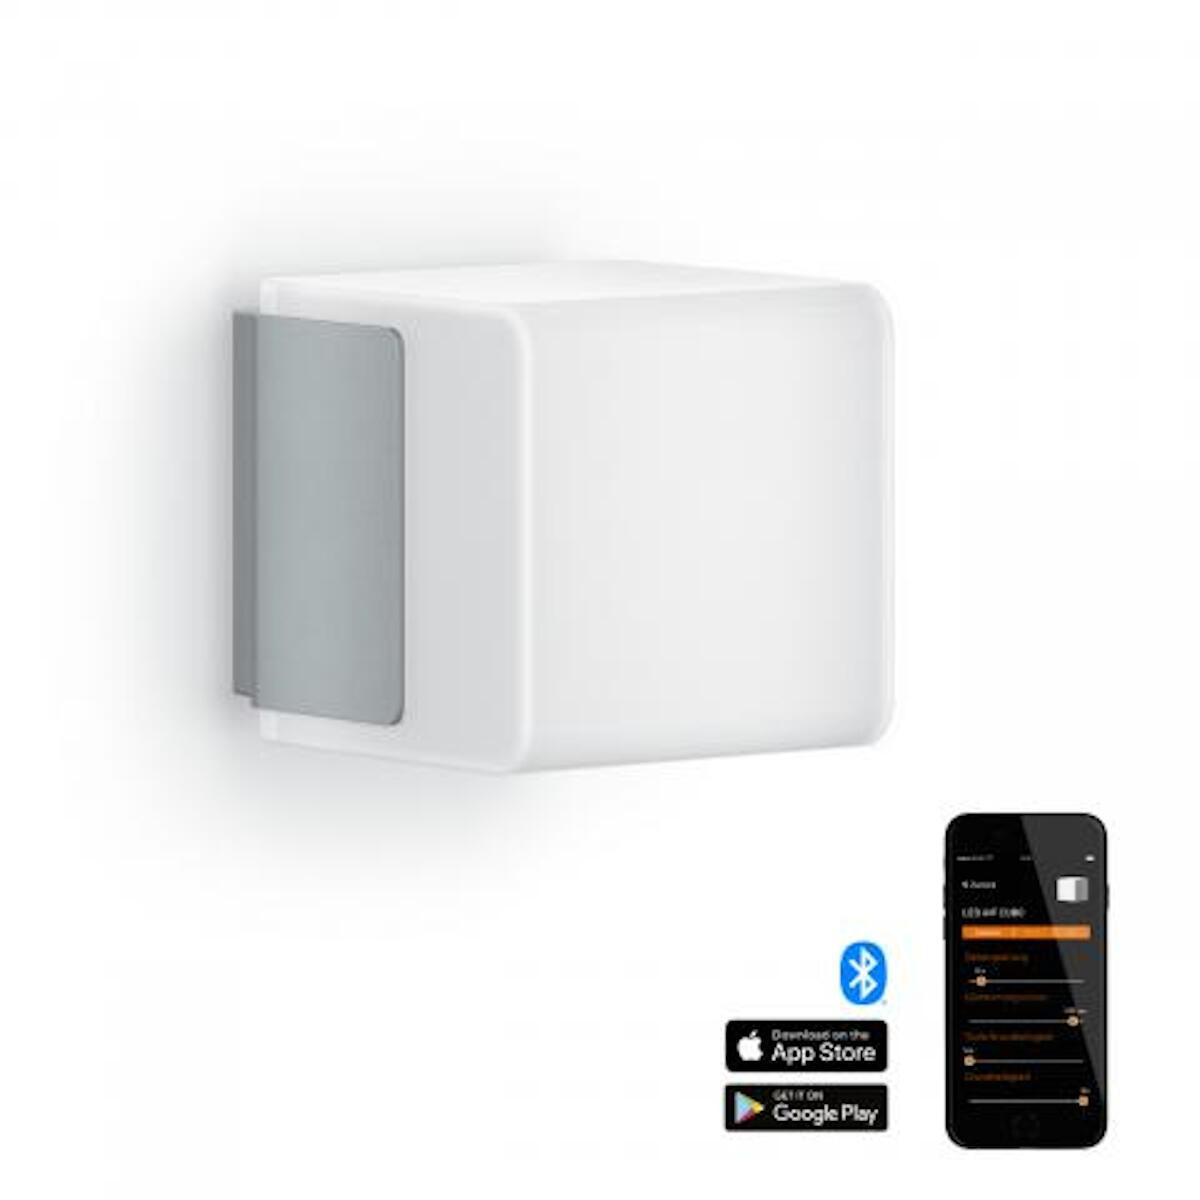 Applique L 835 LED integrato con sensore di movimento, grigio, 9.5W 586LM IP44 STEINEL - 8